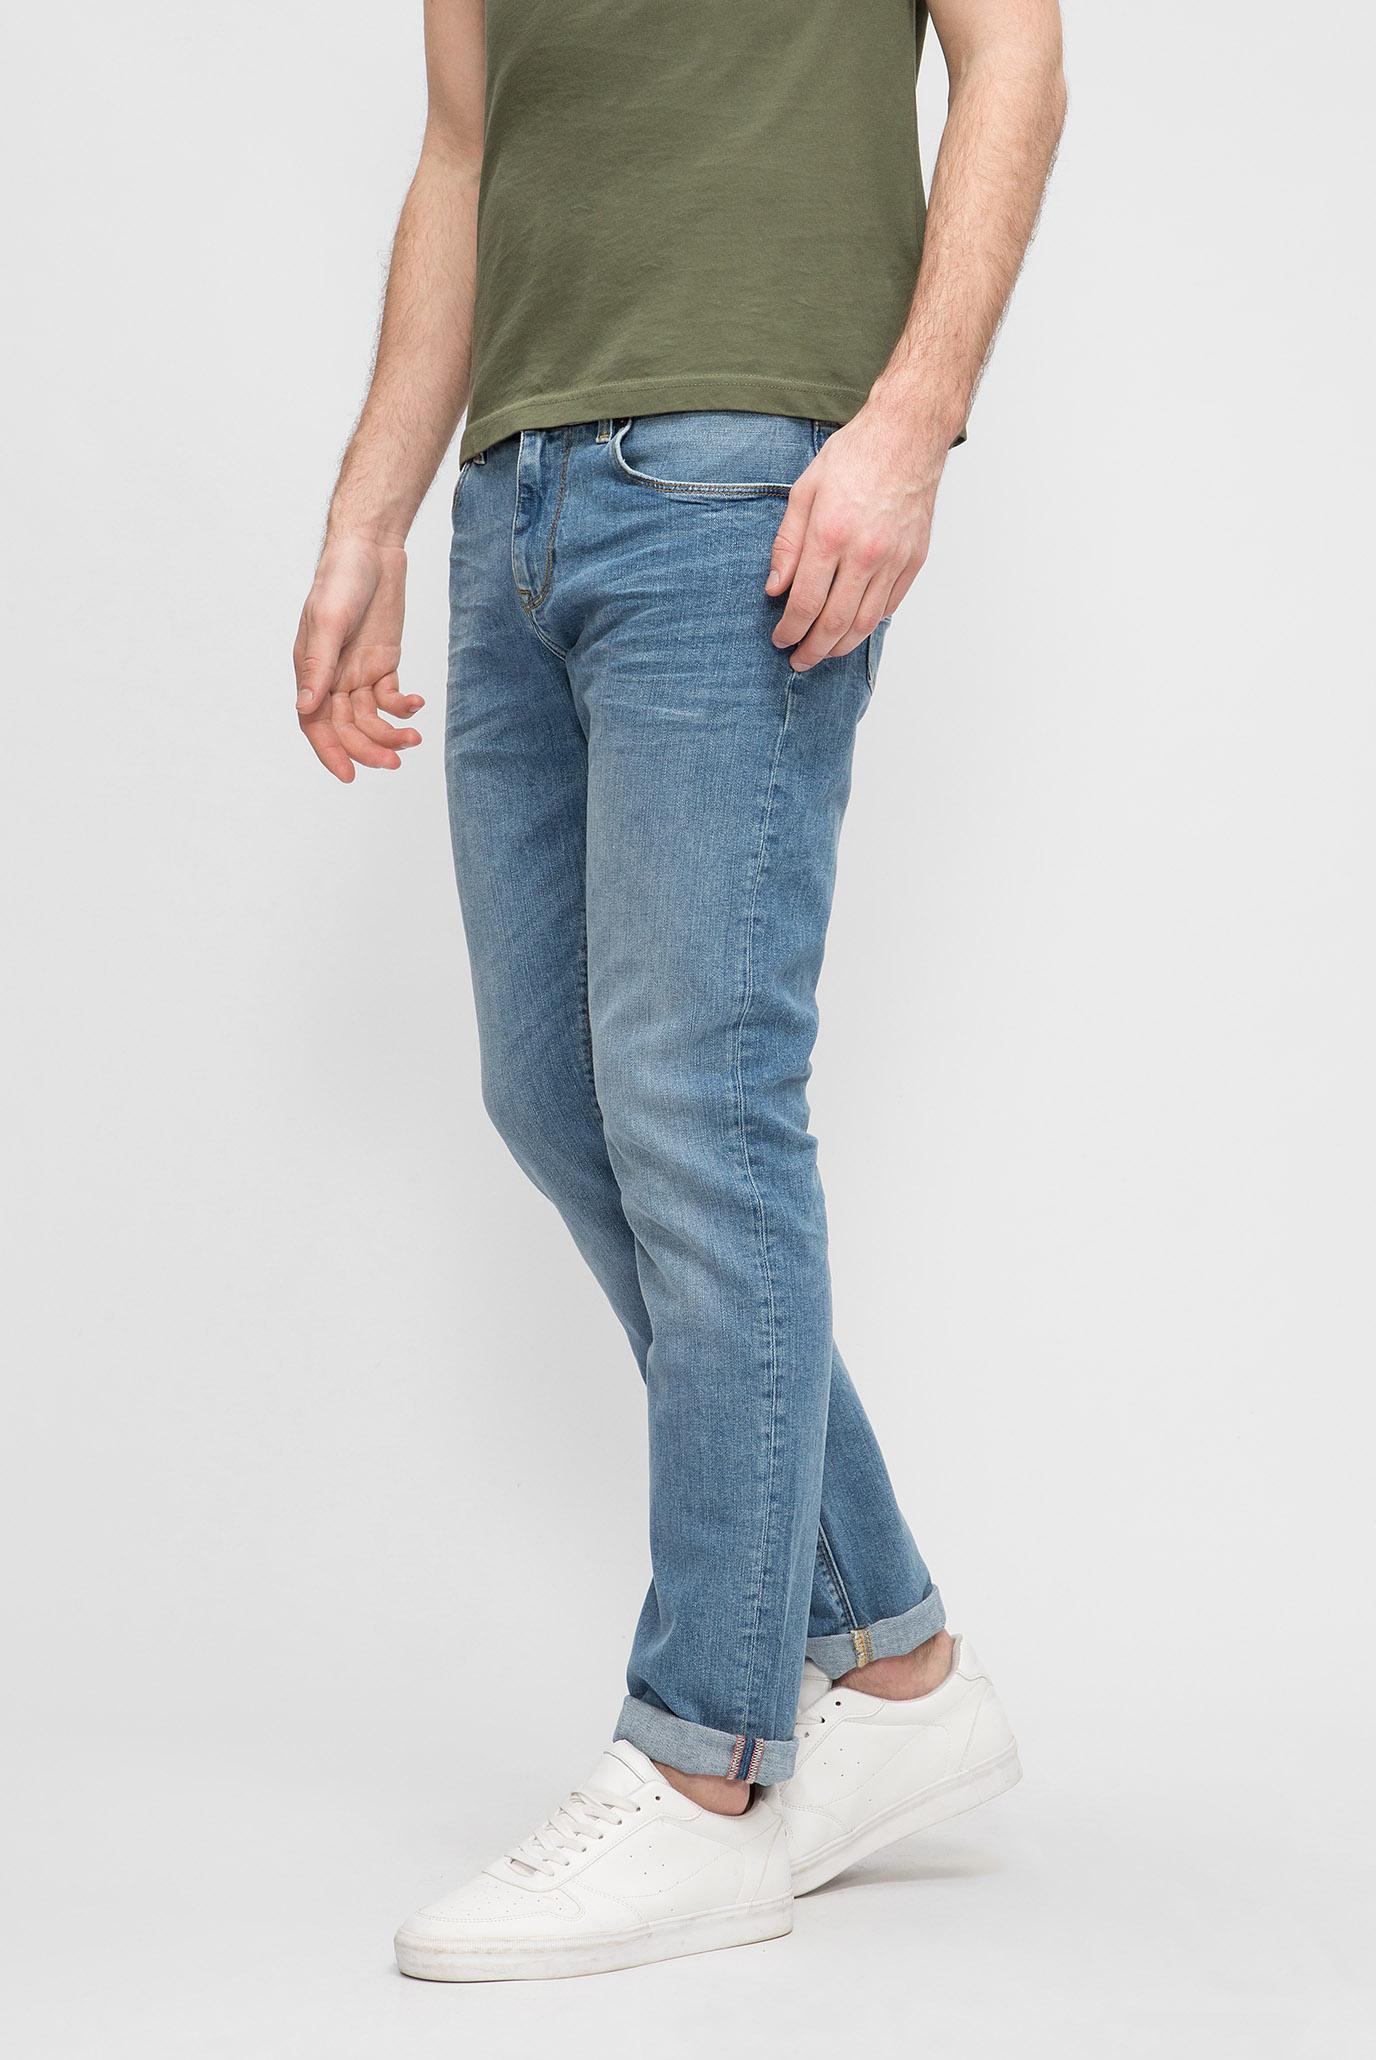 Купить Мужские синие джинсы BLEECKER  Tommy Hilfiger Tommy Hilfiger MW0MW06567 – Киев, Украина. Цены в интернет магазине MD Fashion